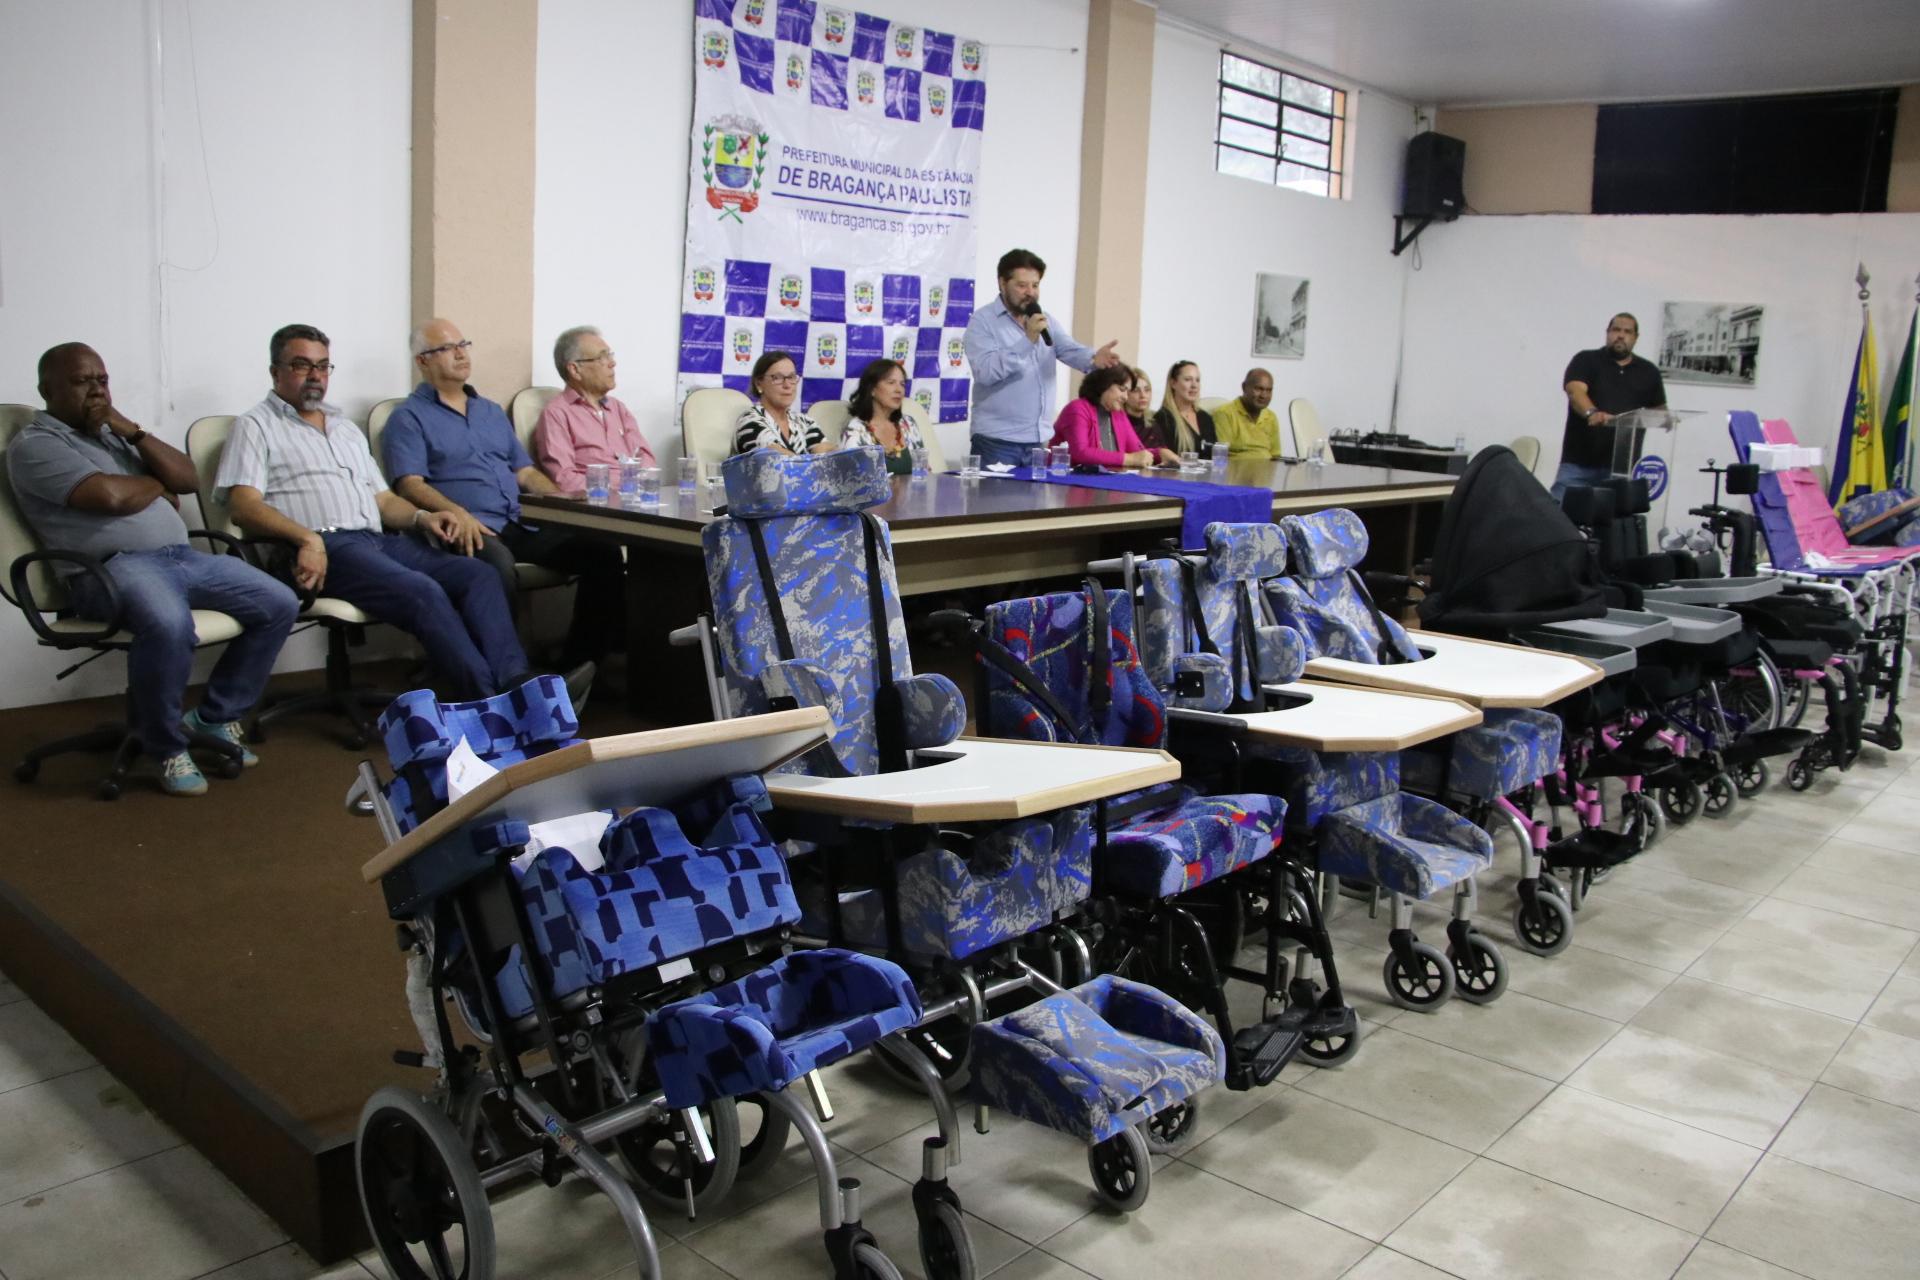 21.10.2019 Entrega de cadeira de rodas (2)